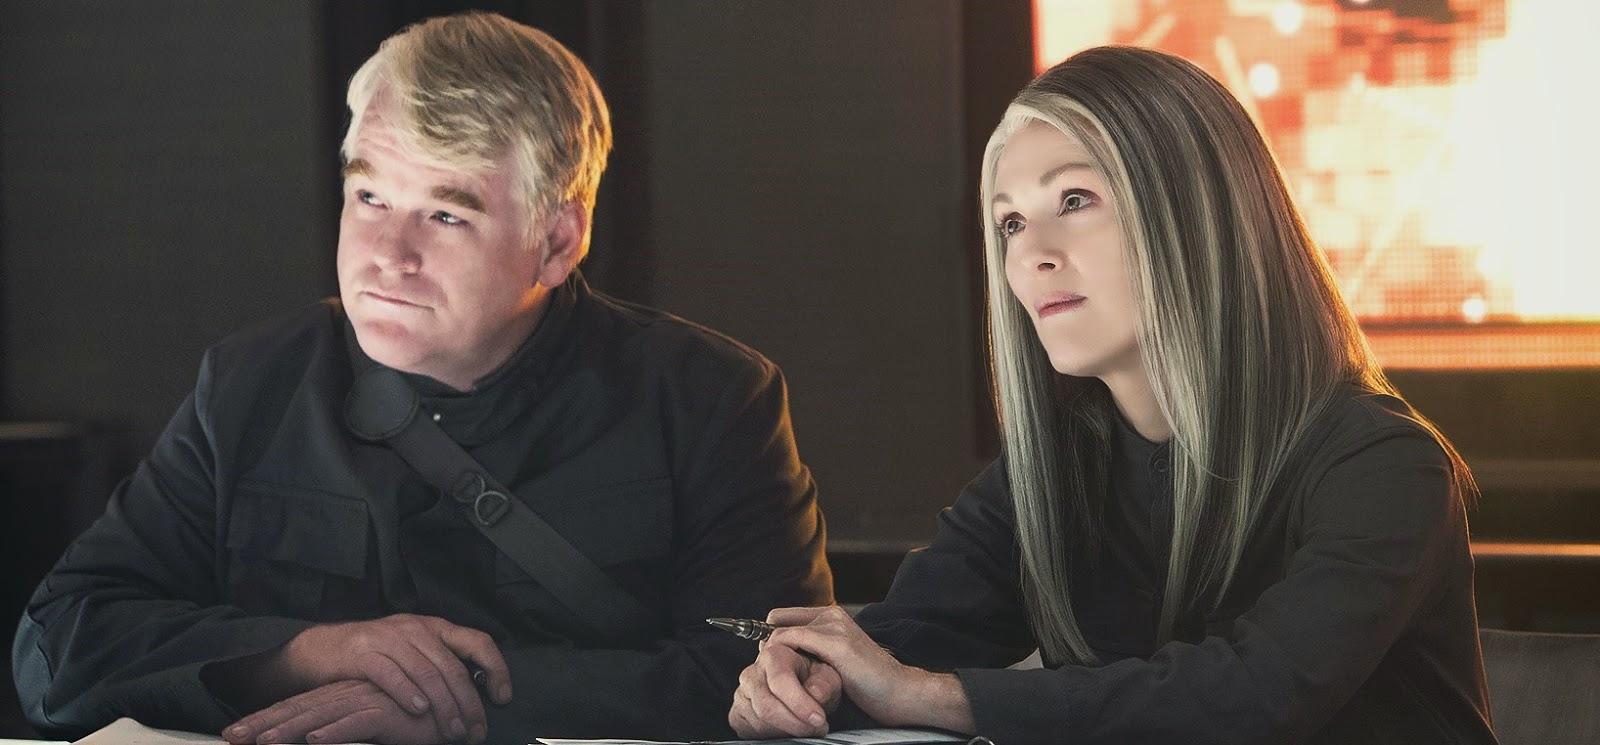 Confira as primeiras imagens oficiais de Jogos Vorazes: A Esperança - Parte 1, com Julianne Moore e Philip Seymour Hoffman